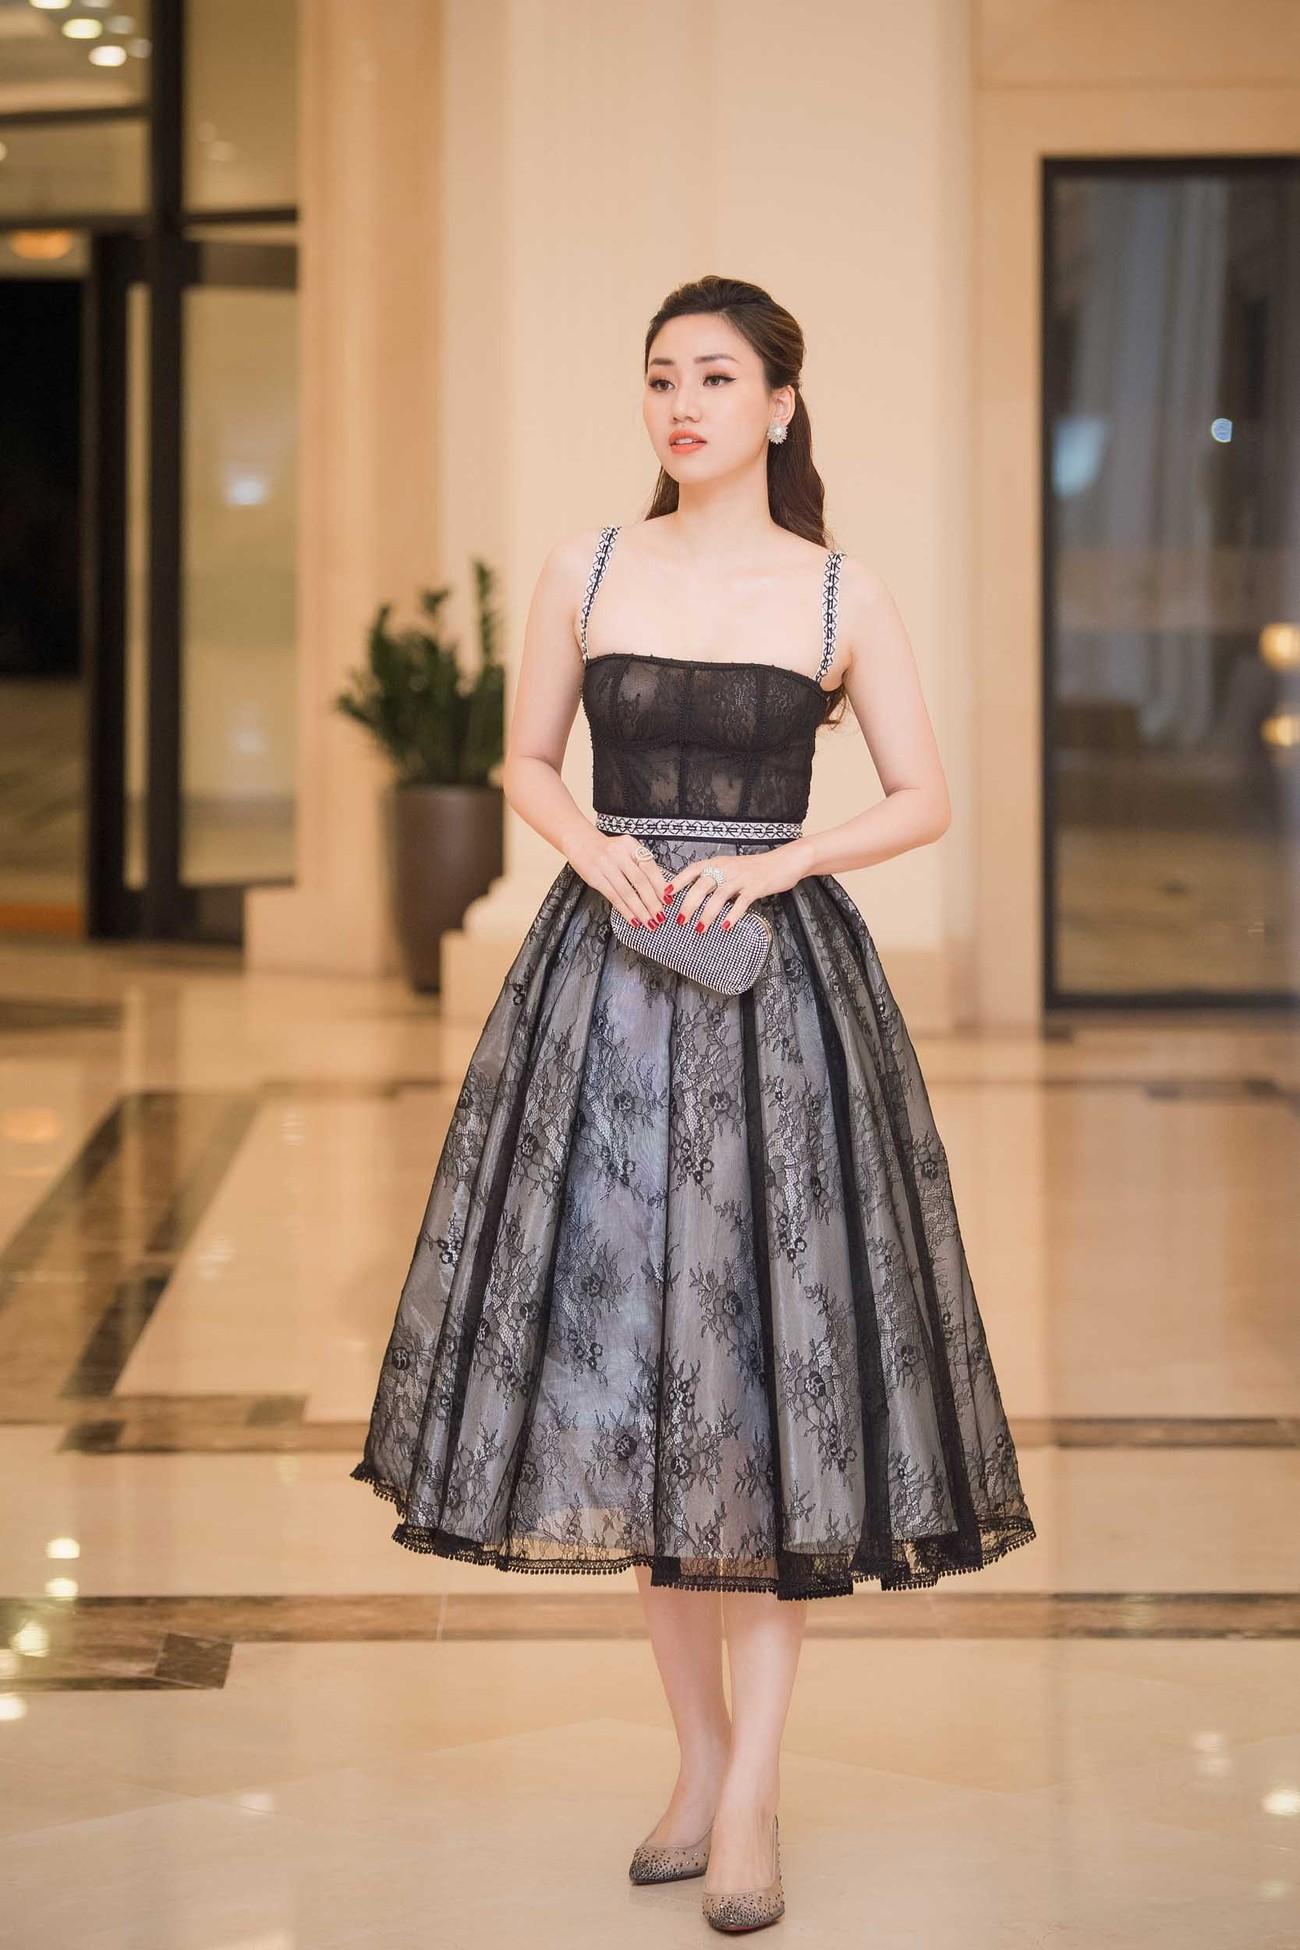 Hoa hậu Thu Thuỷ tái xuất, hội ngộ cùng dàn Hoa, Á hậu đình đám ảnh 6